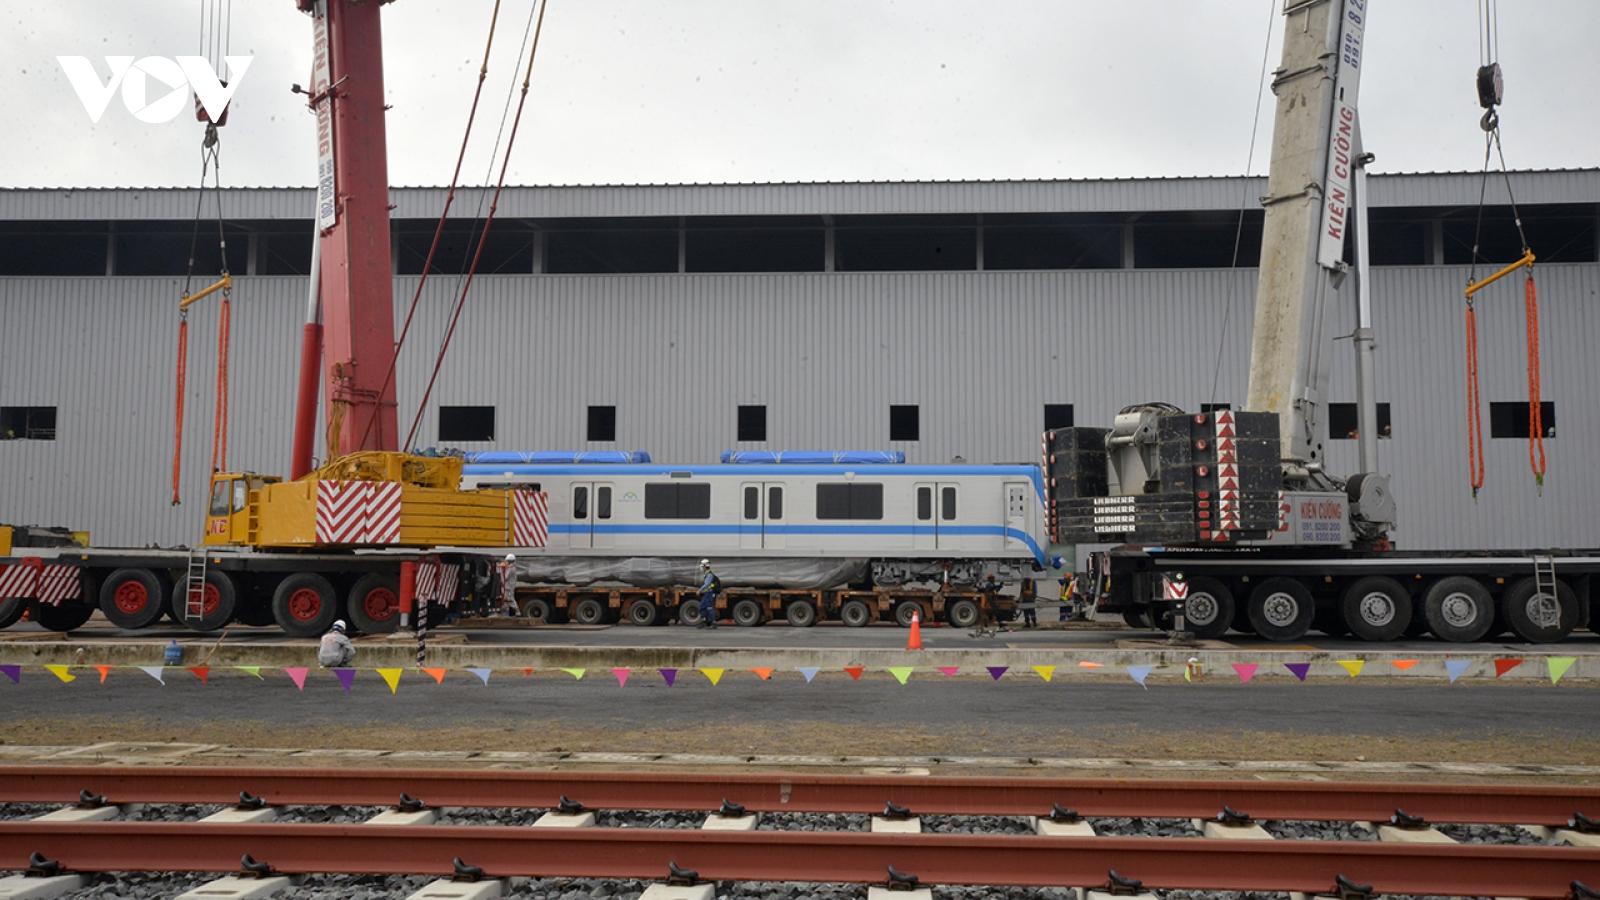 Đoàn tàu metro 1 được lắp đặt lên đường ray tại depot